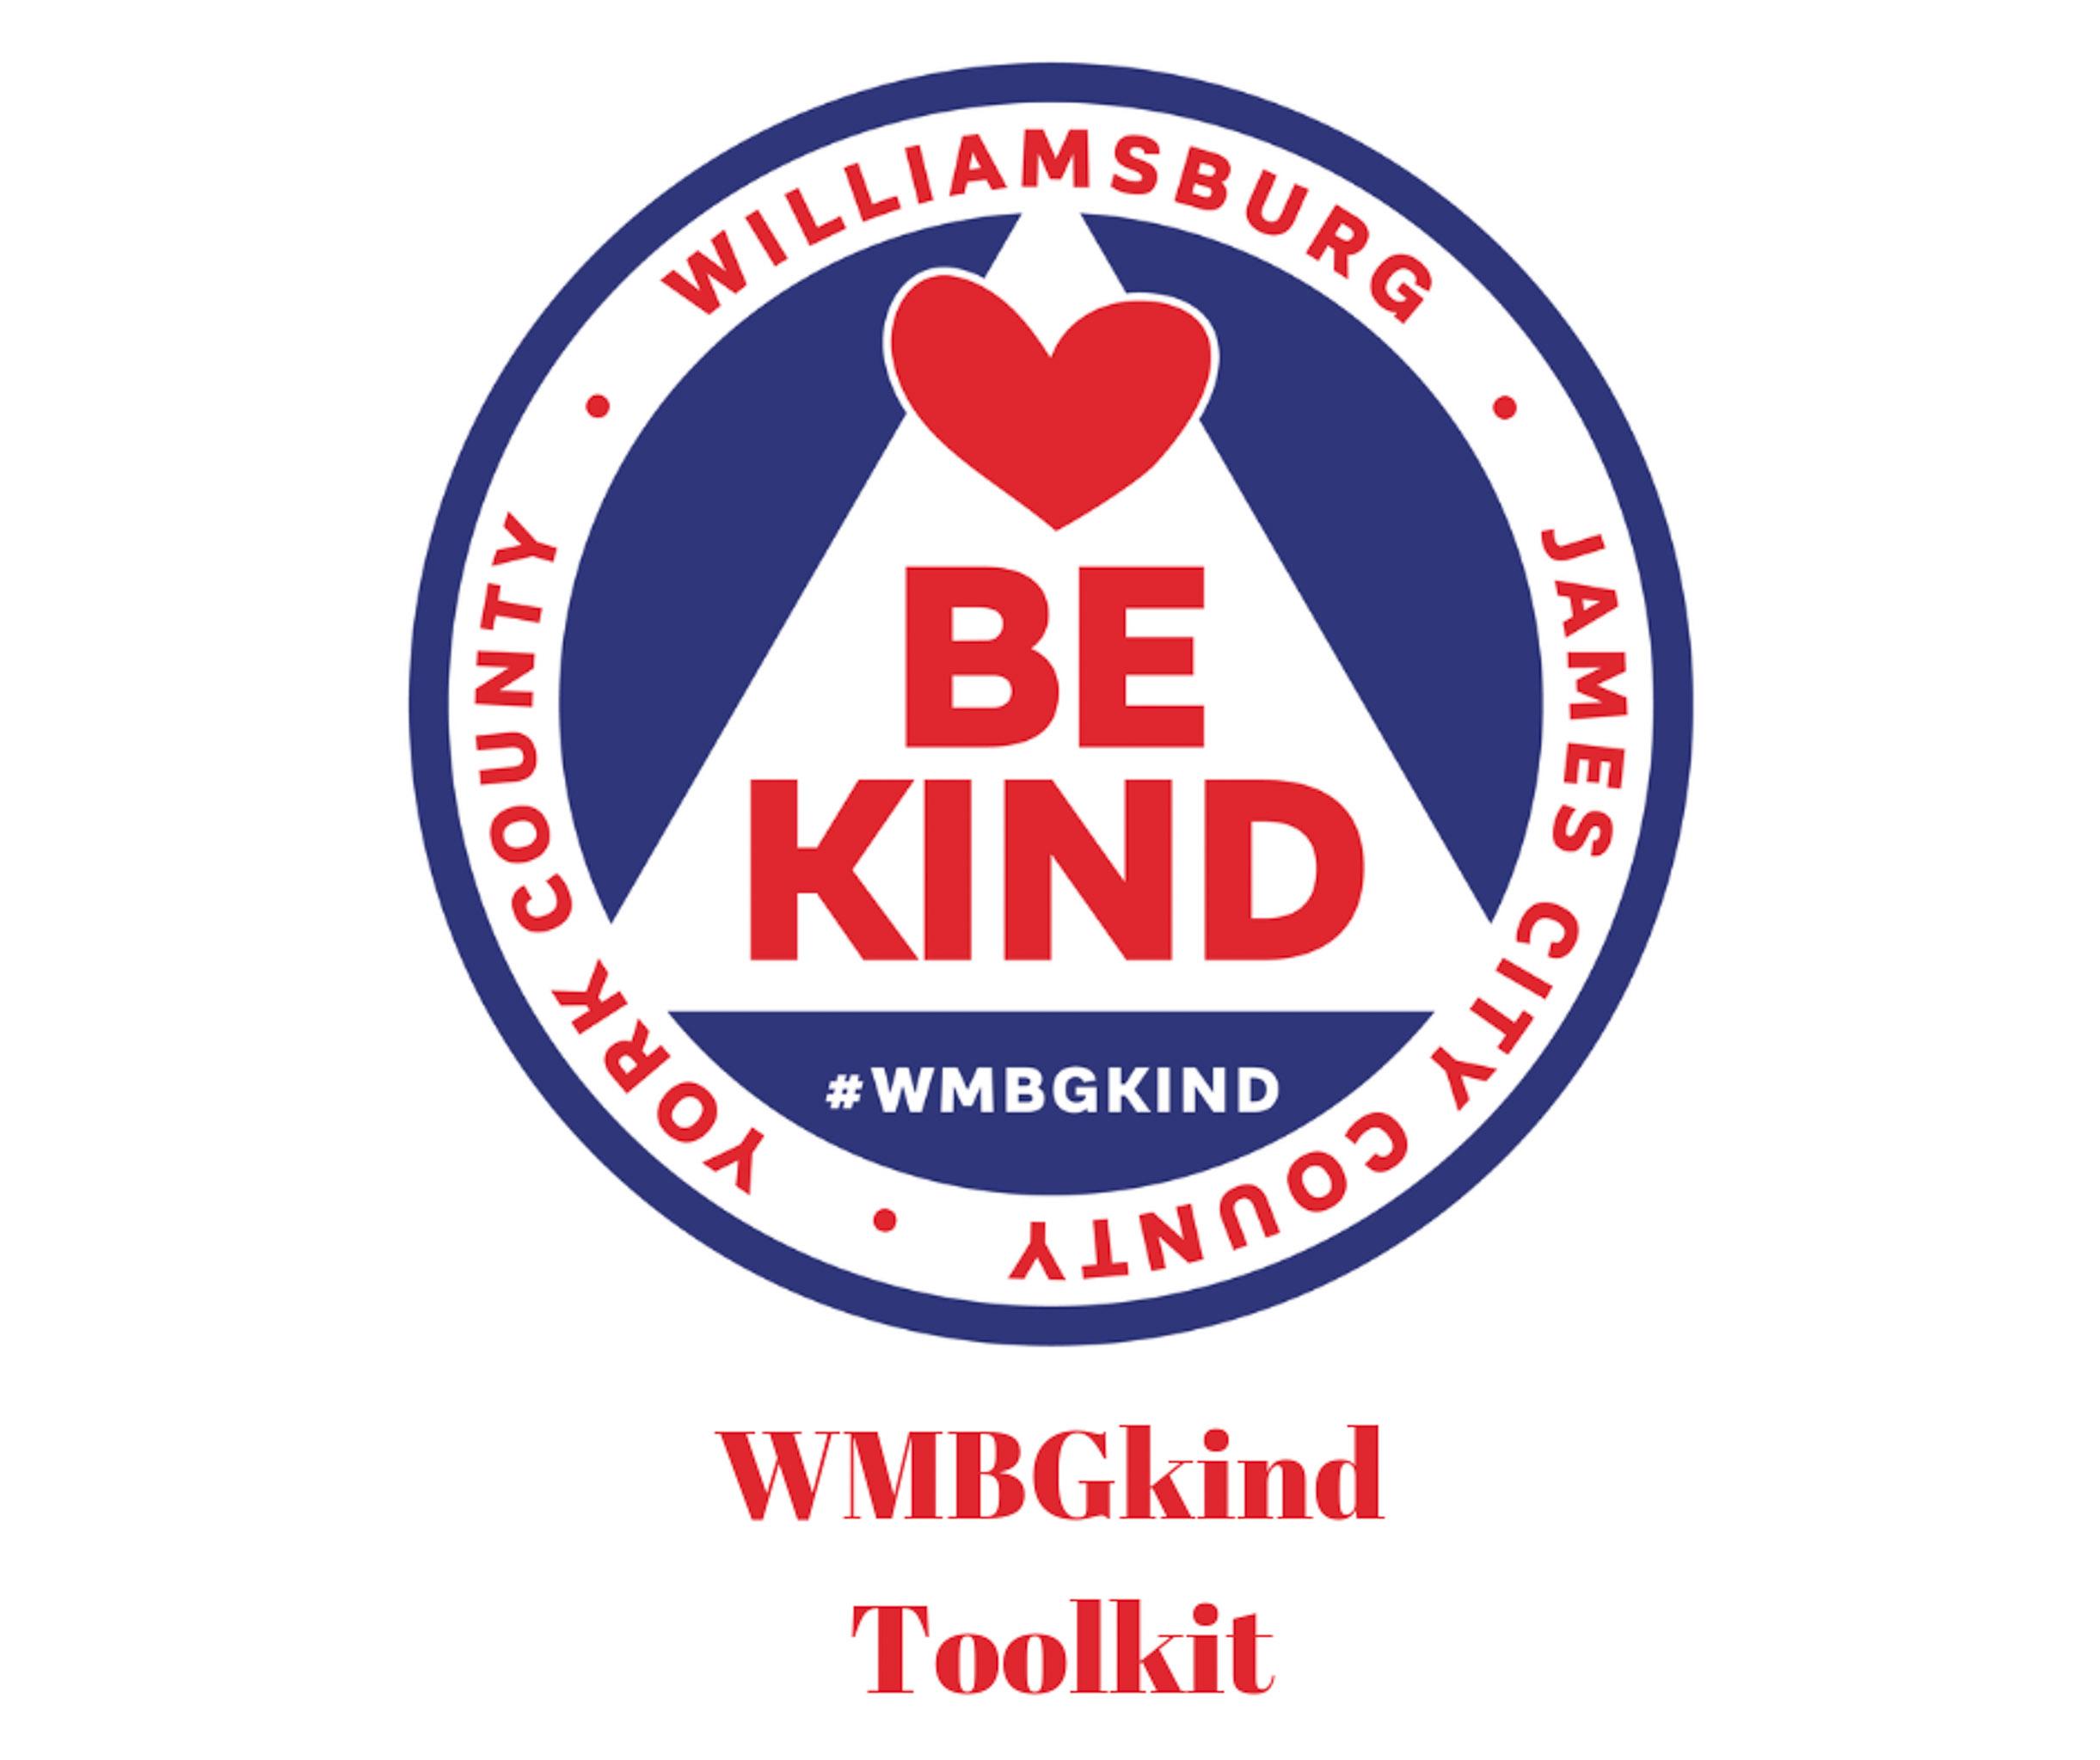 WMGBkind Toolkit.jpg